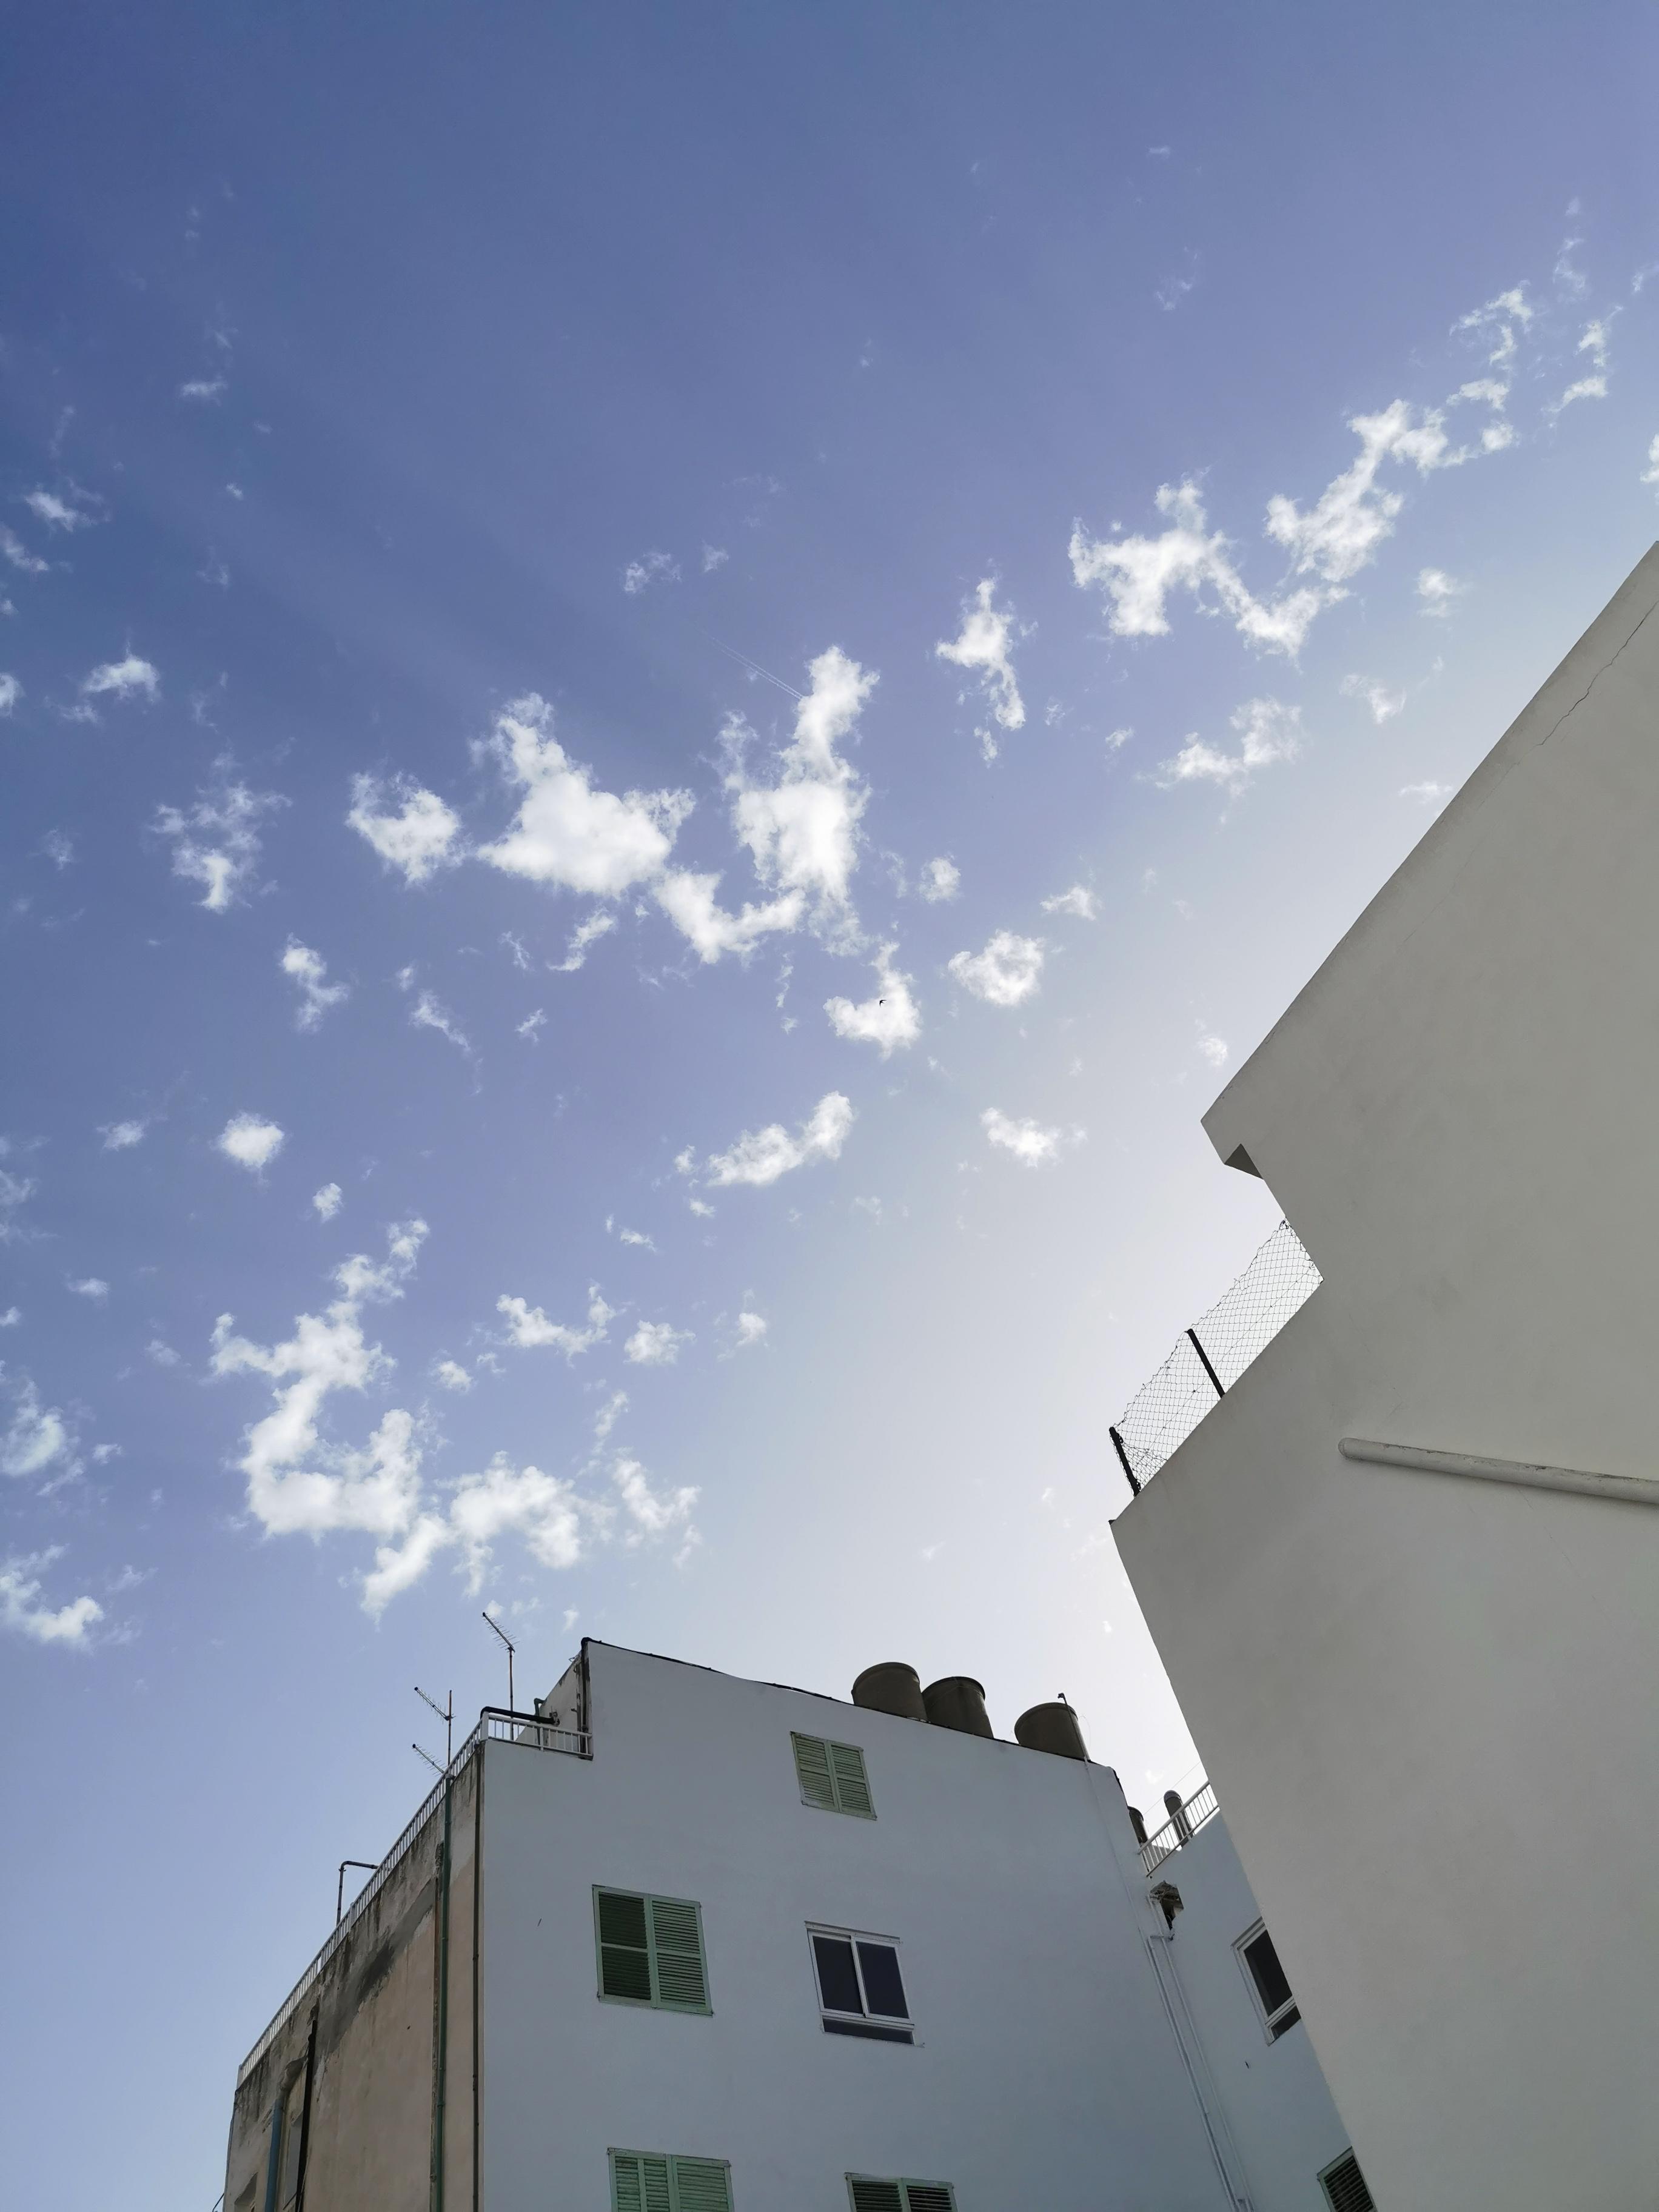 The blue sky of Ibiza